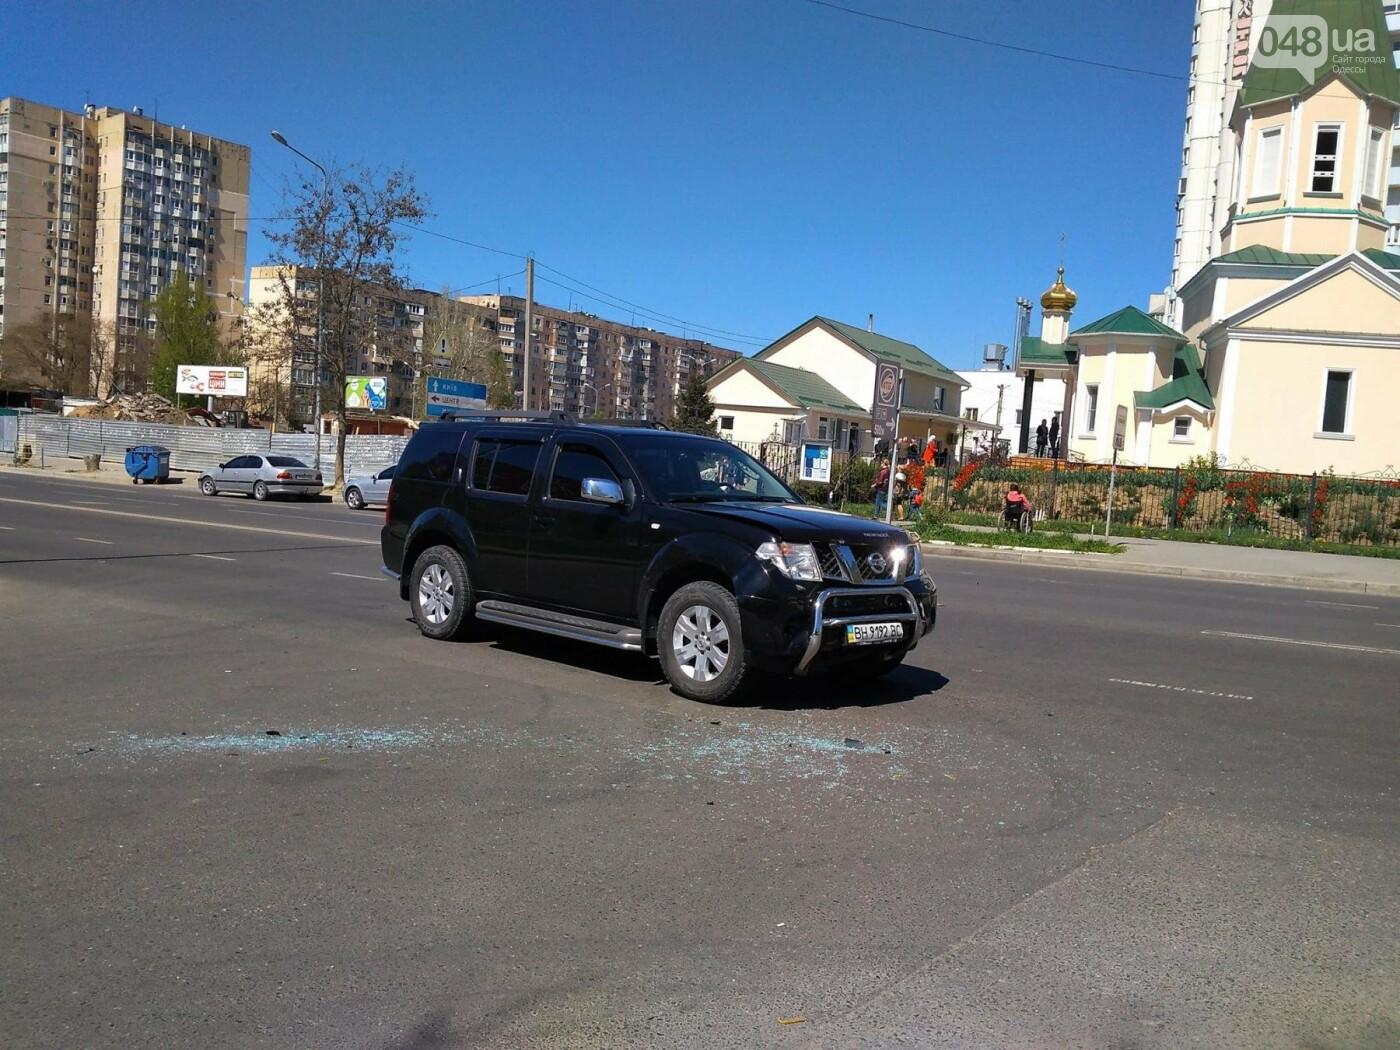 На Котовского в Одессе огромный джип протаранил маленькую женскую машинку (ФОТО), фото-2